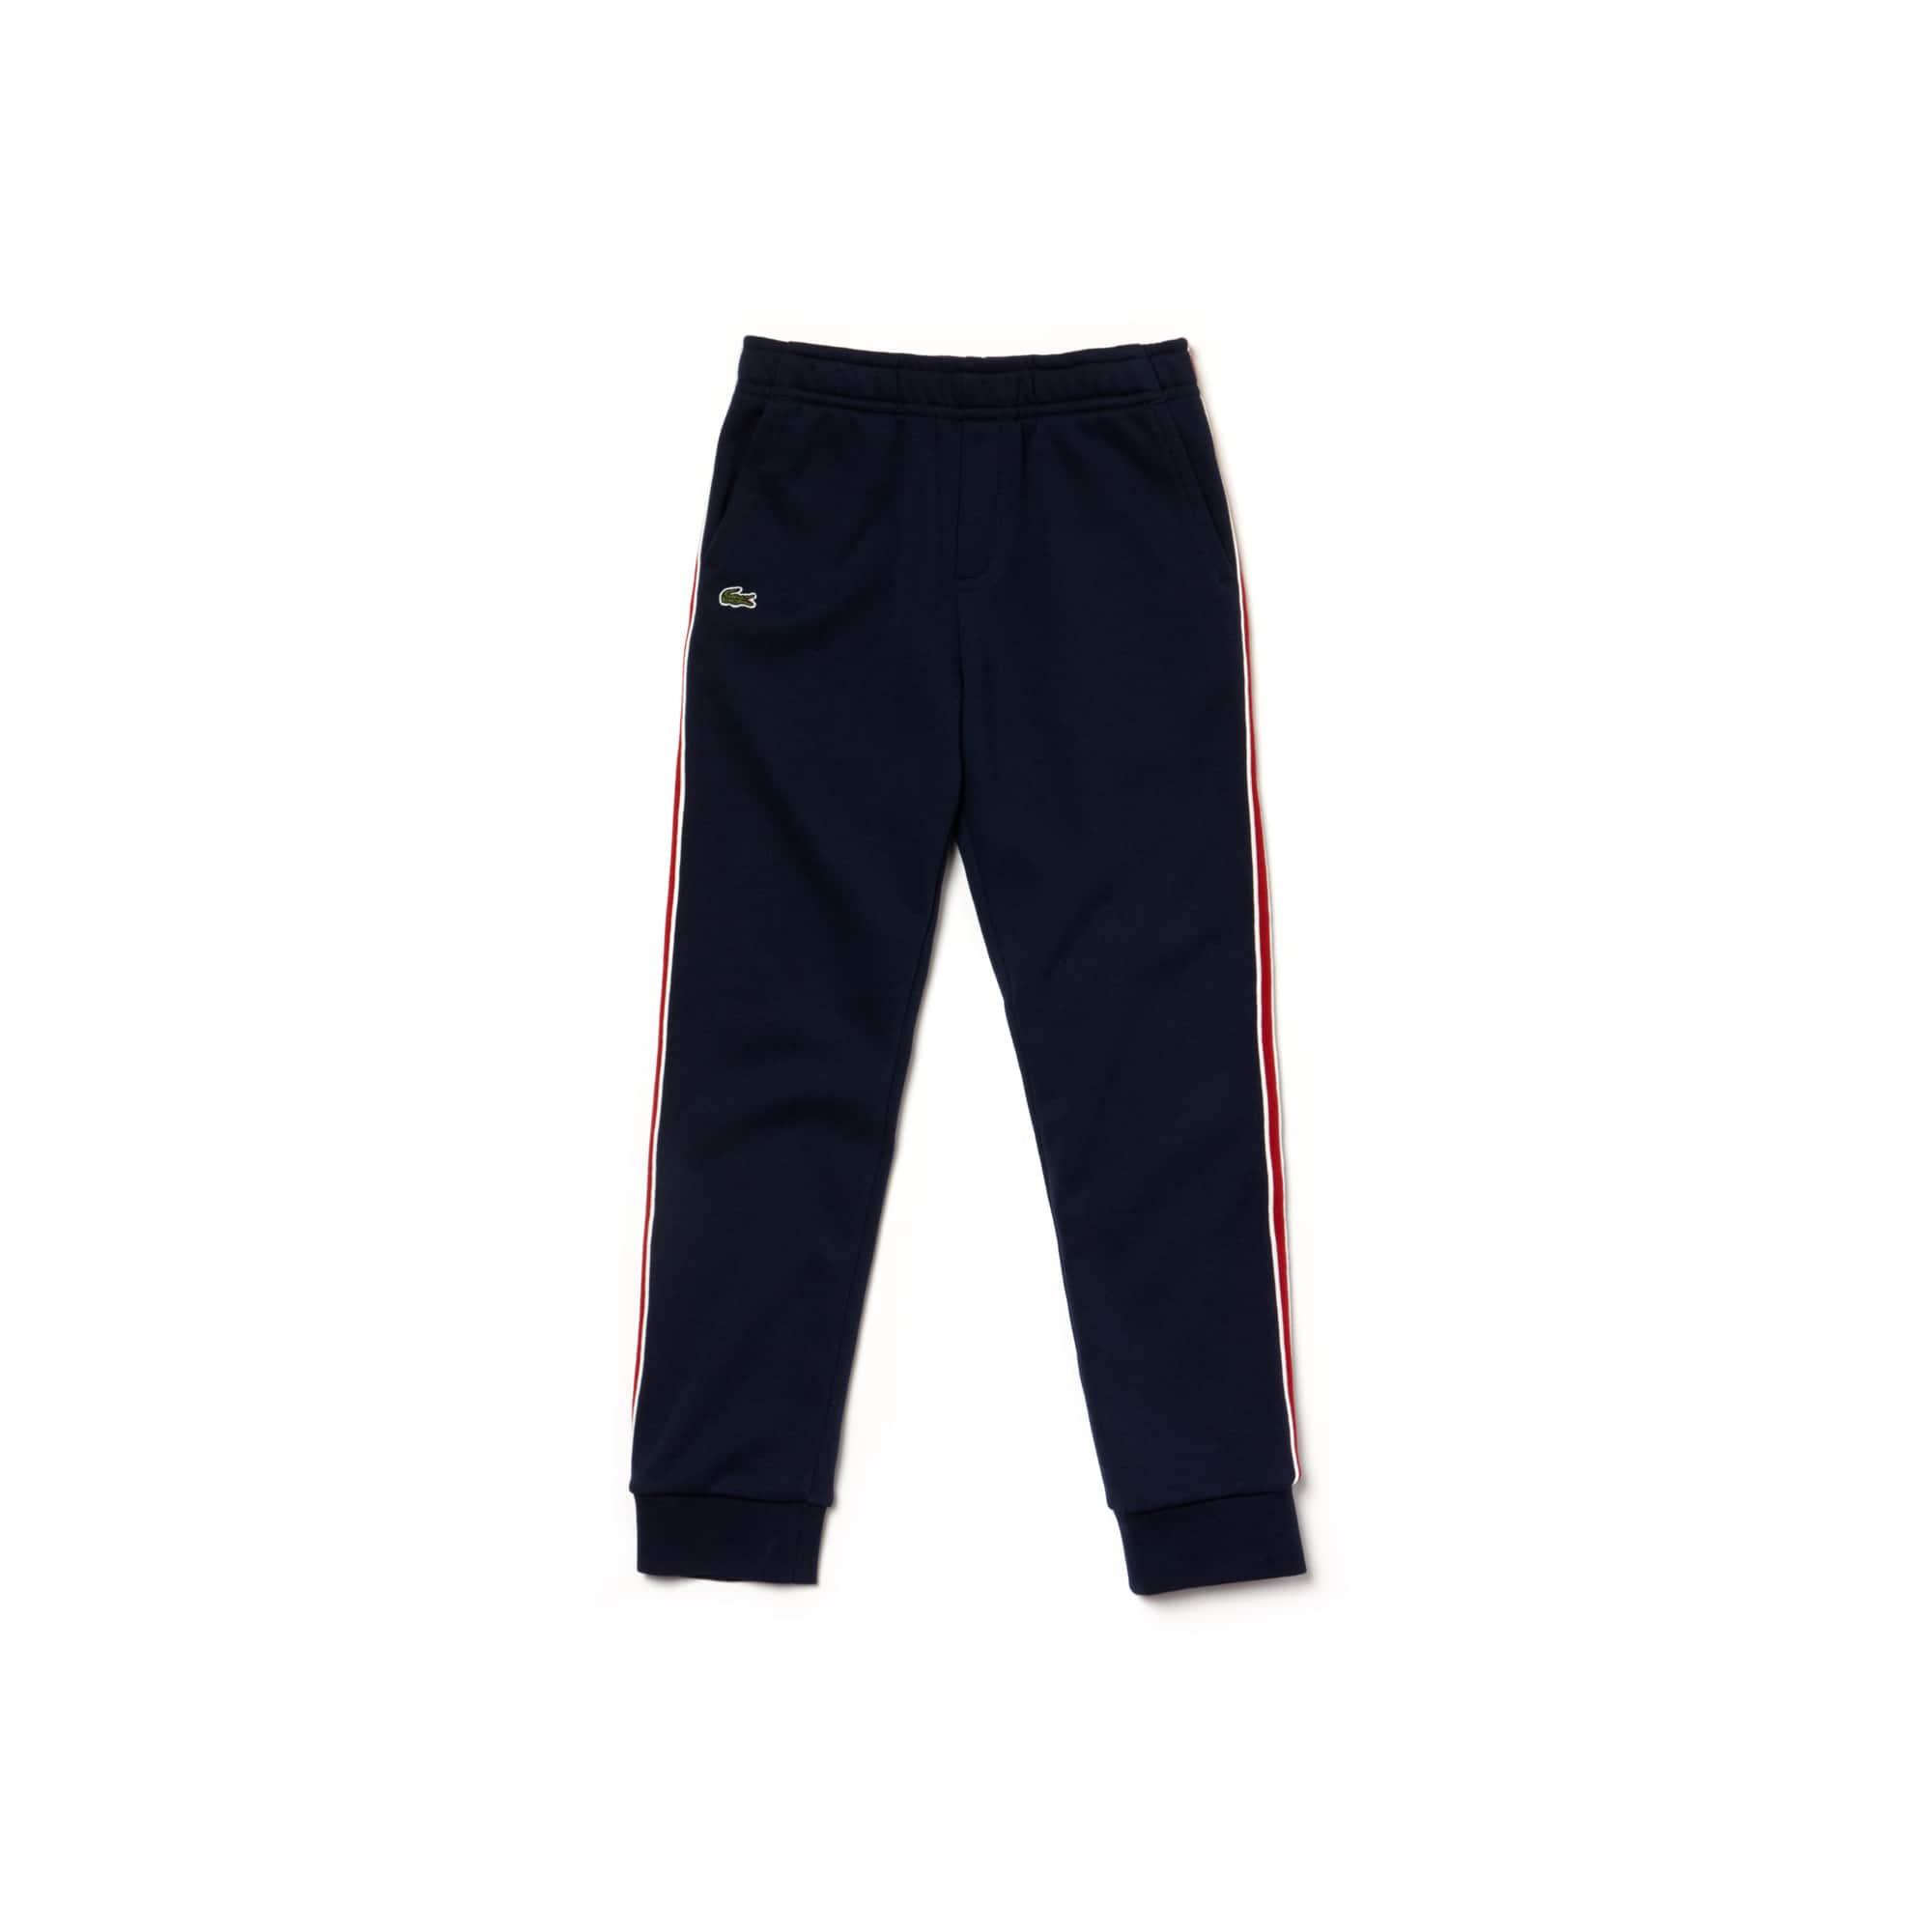 男童侧带棉质运动裤